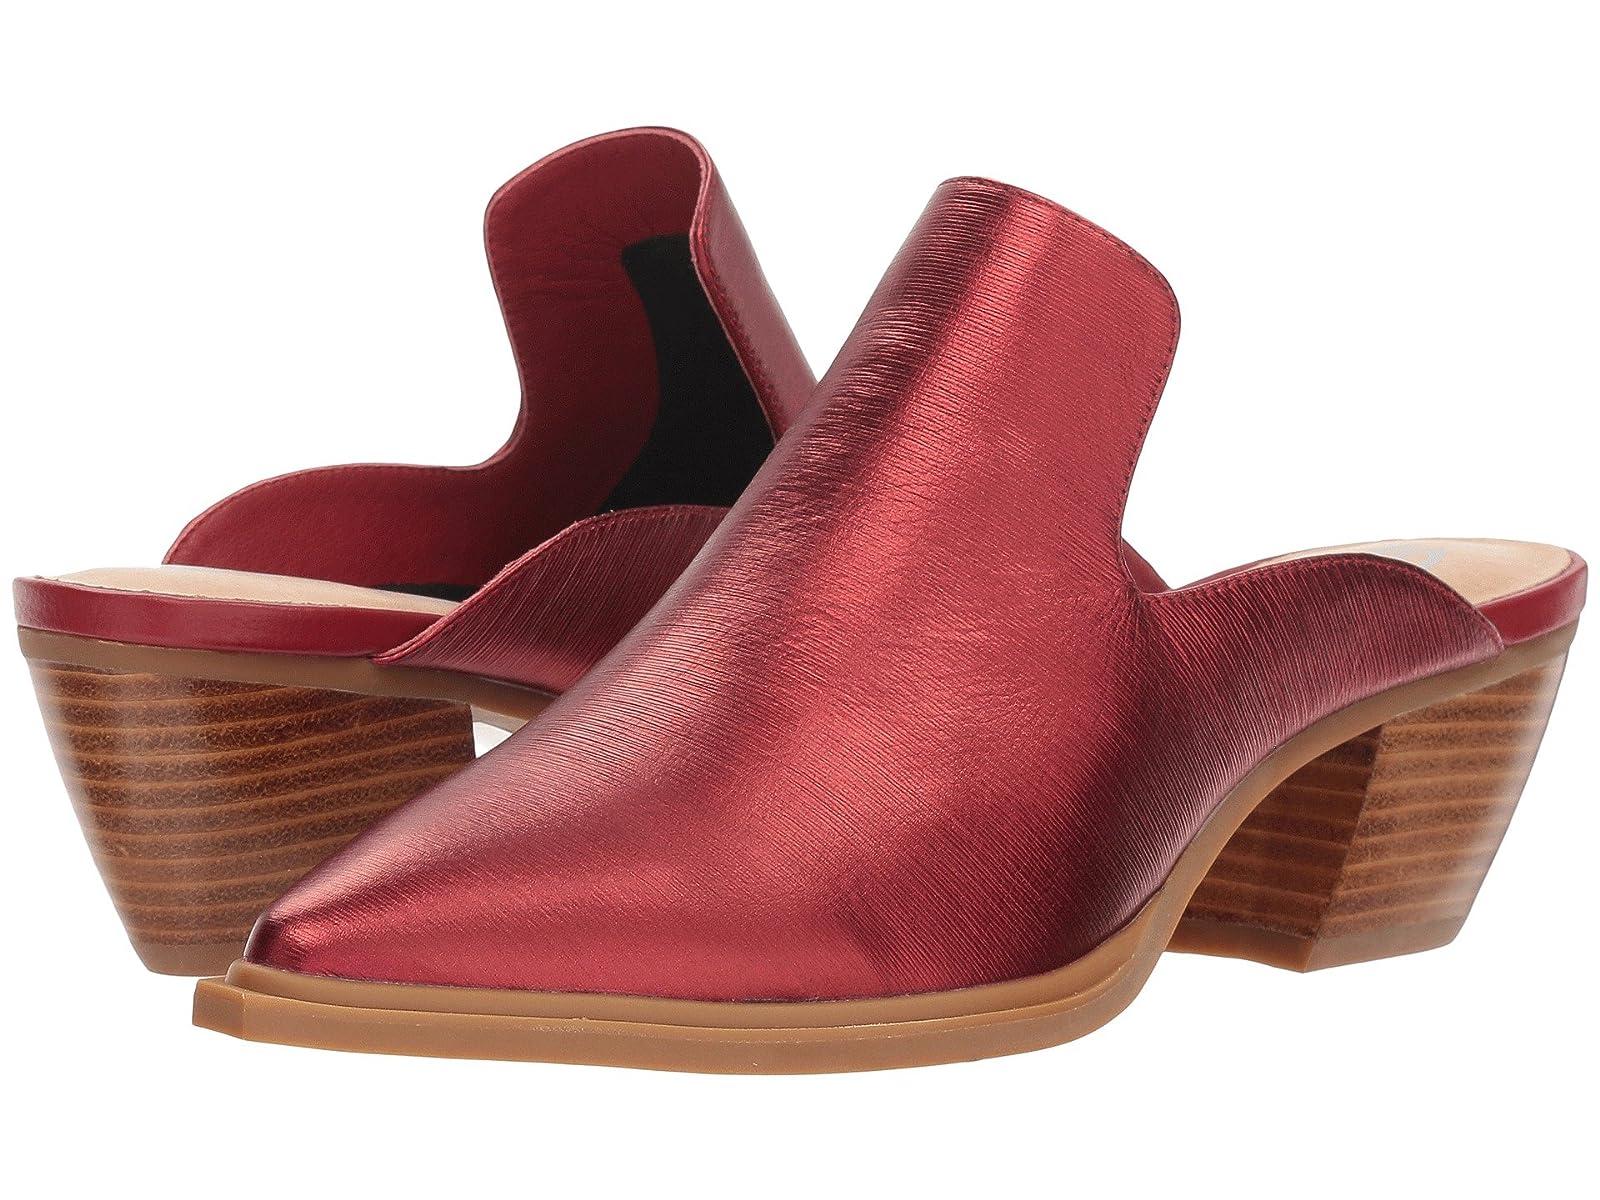 Sbicca SpellboundAtmospheric grades have affordable shoes